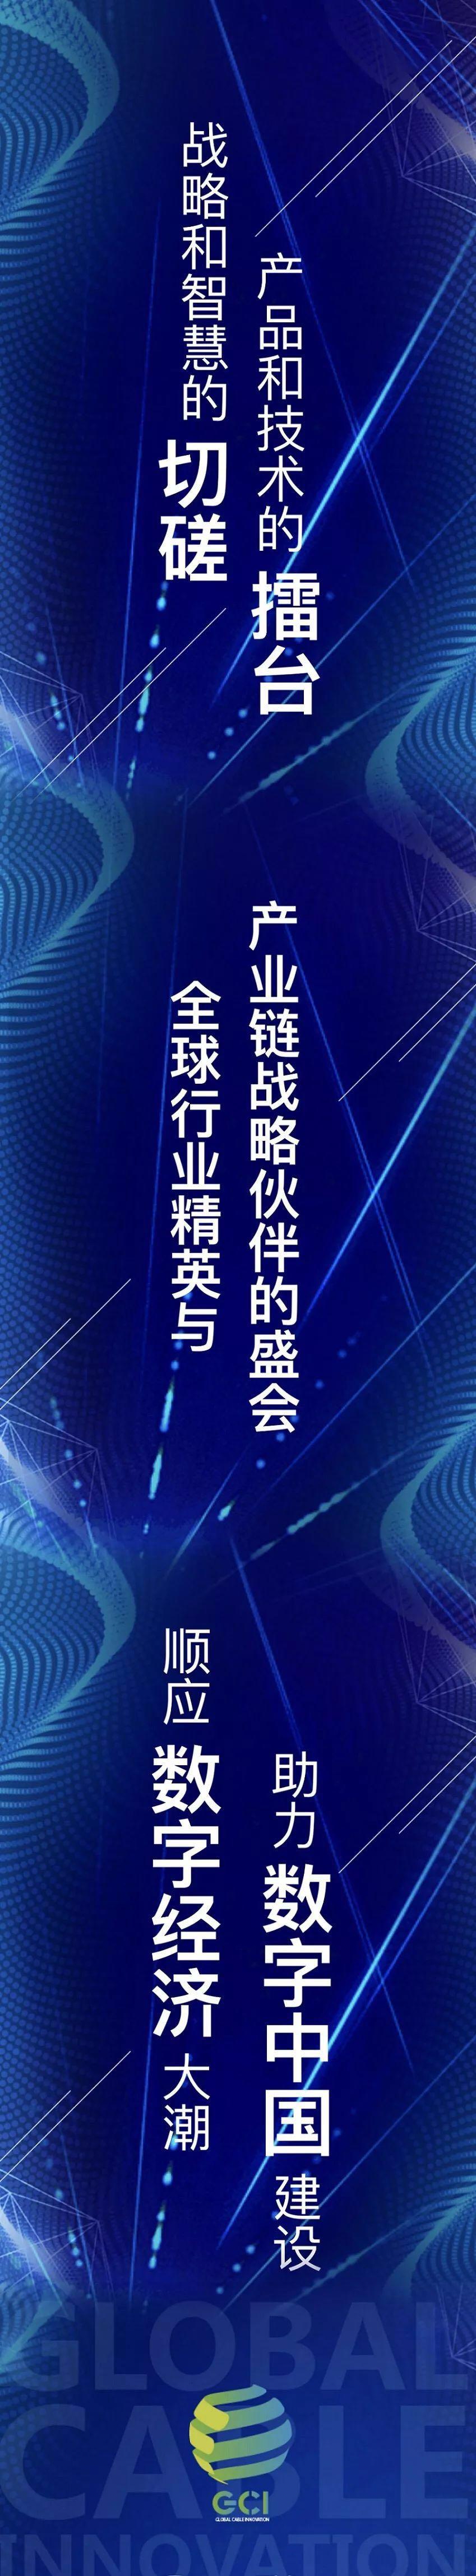 一份来自2018第二届全球有线创新杭州峰会的邀请